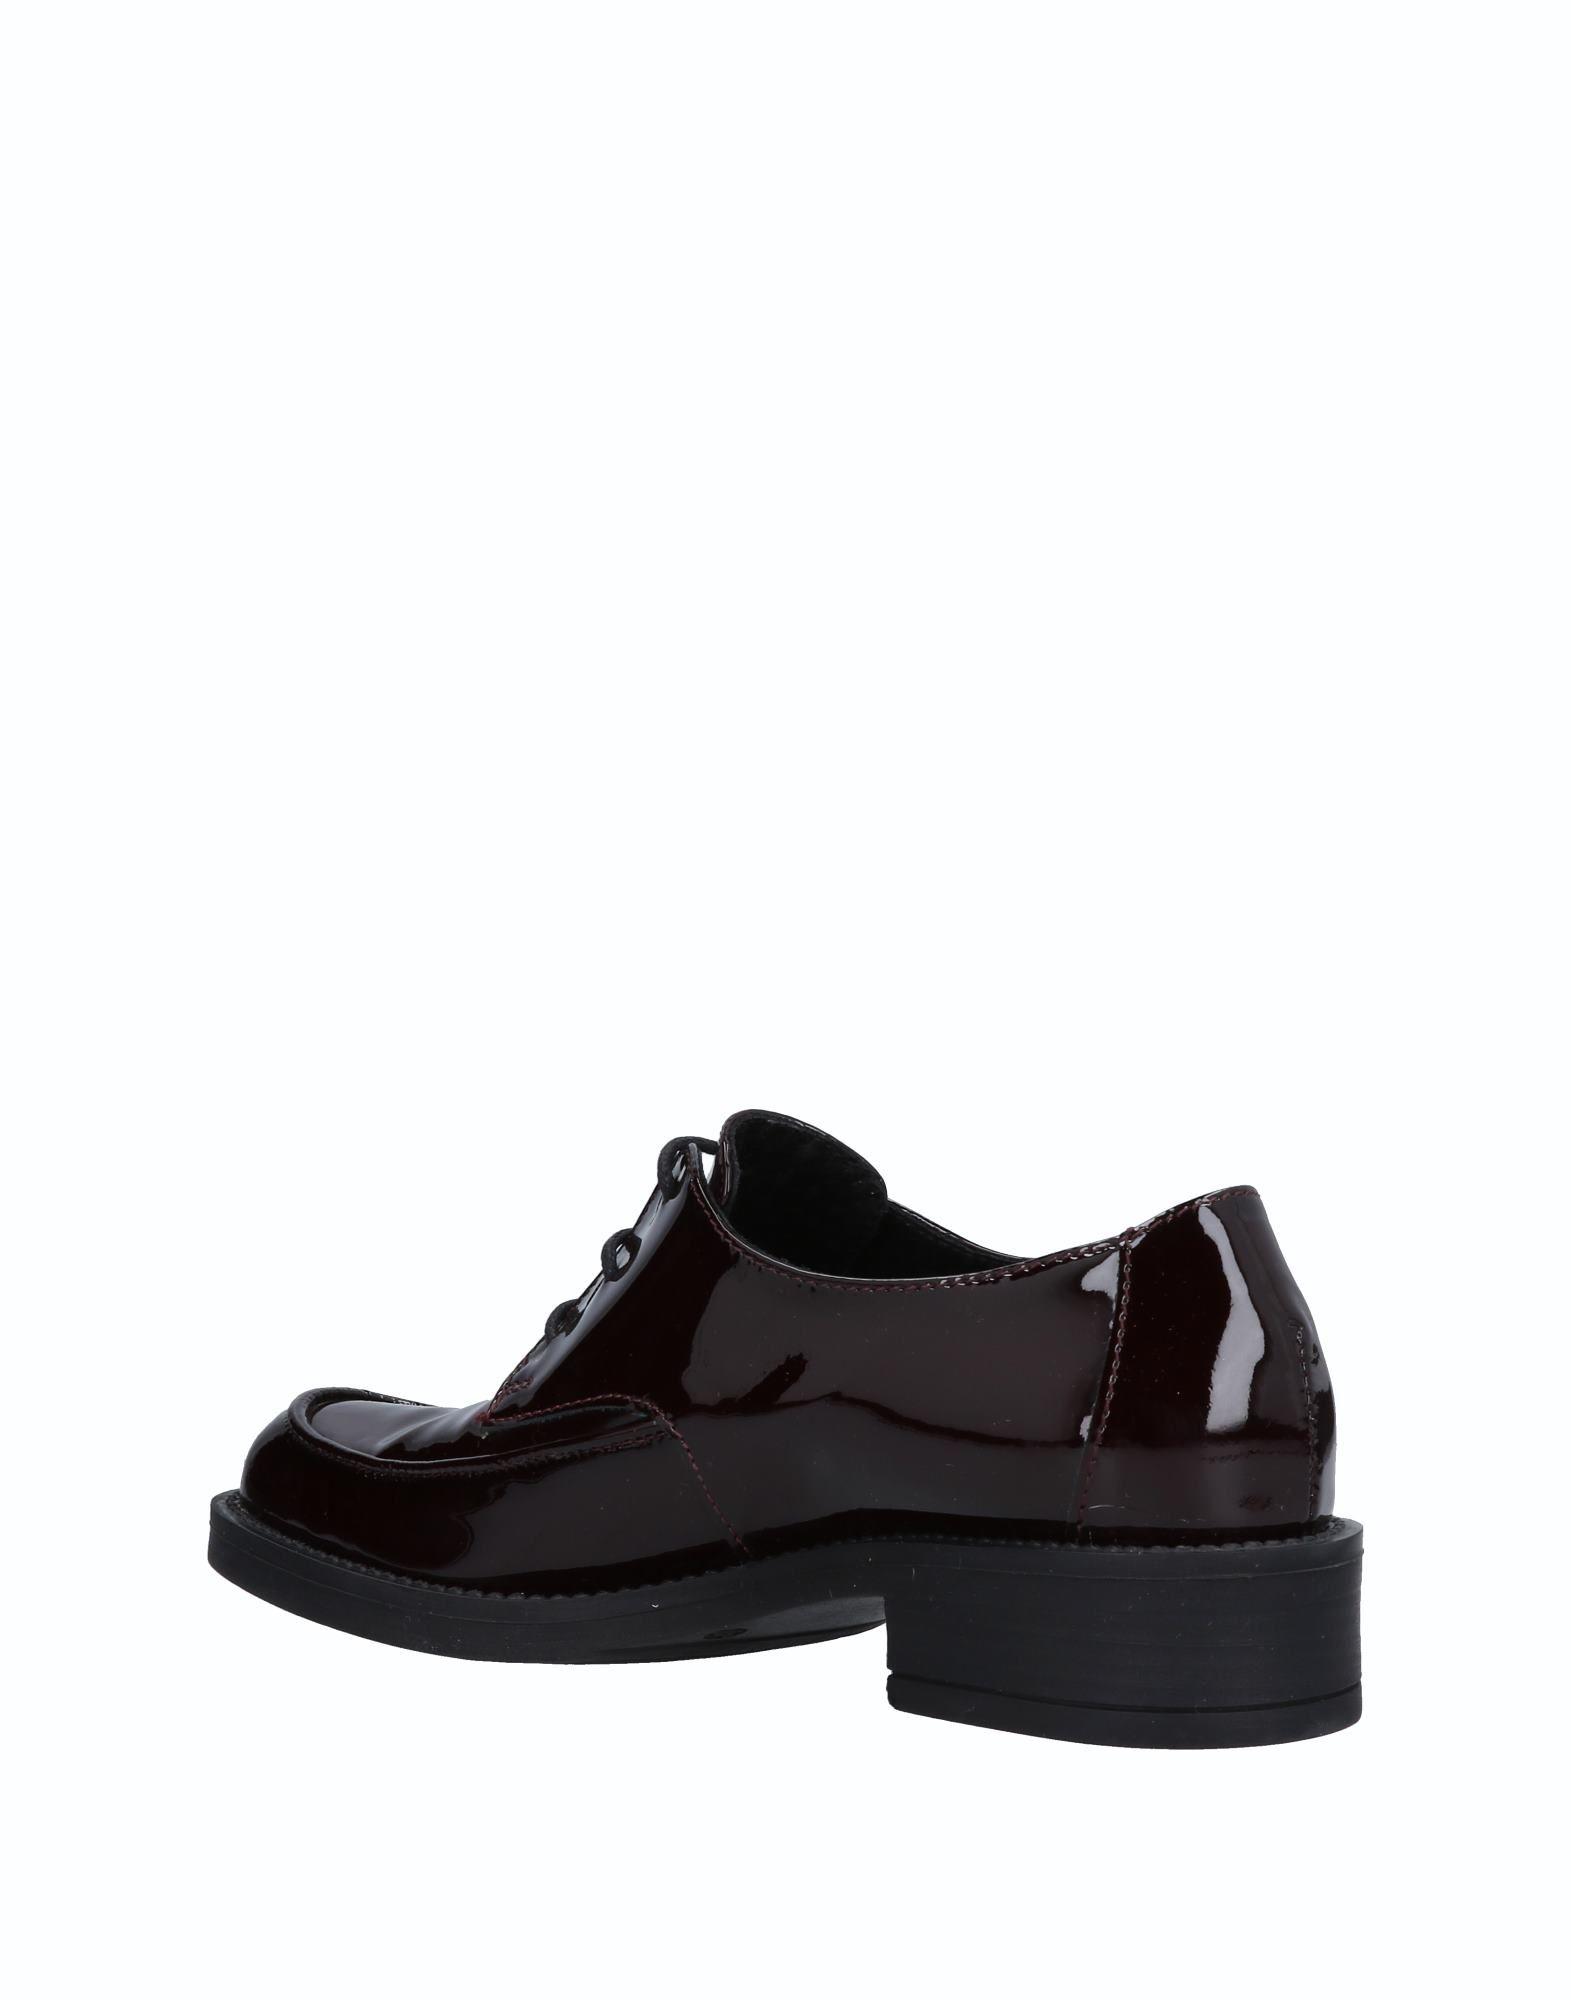 Donna Più Schnürschuhe Damen  Schuhe 11501463XQ Gute Qualität beliebte Schuhe  ece22a